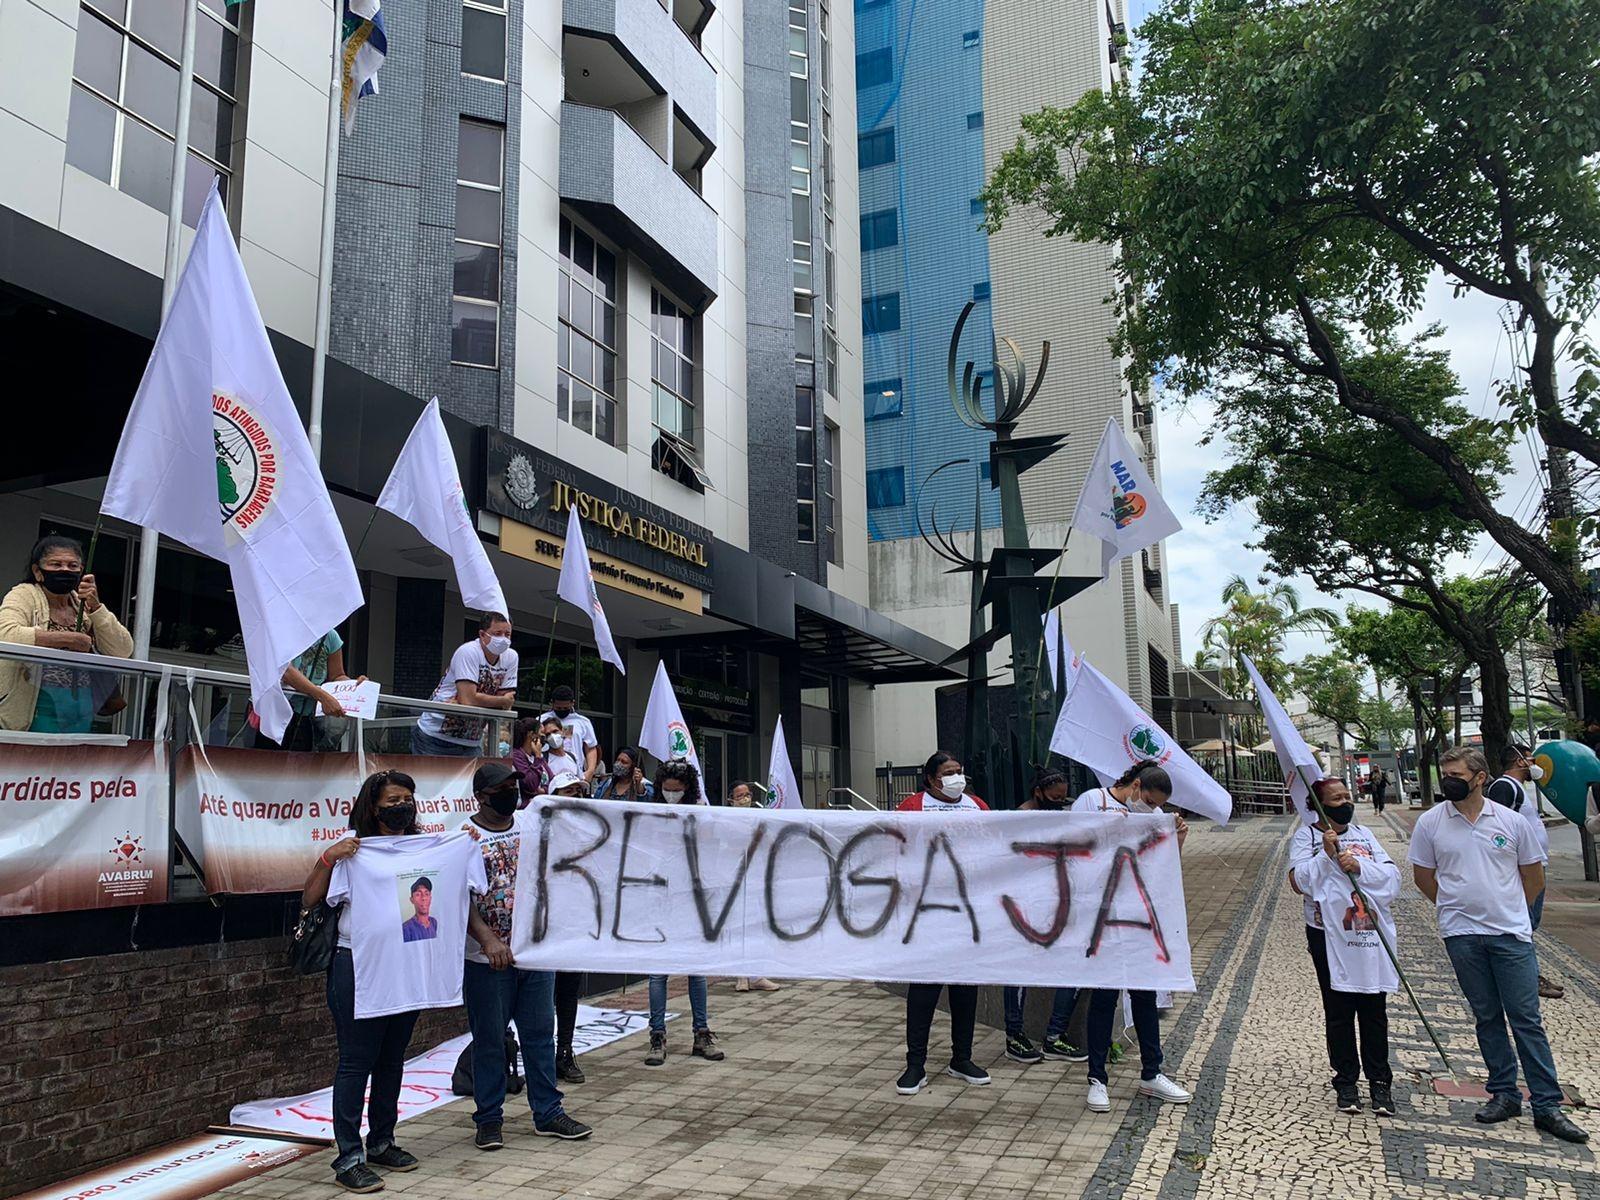 Parentes de vítimas e atingidos pela tragédia da Vale fazem protesto contra decisão do STJ que anulou denúncia por 270 mortes